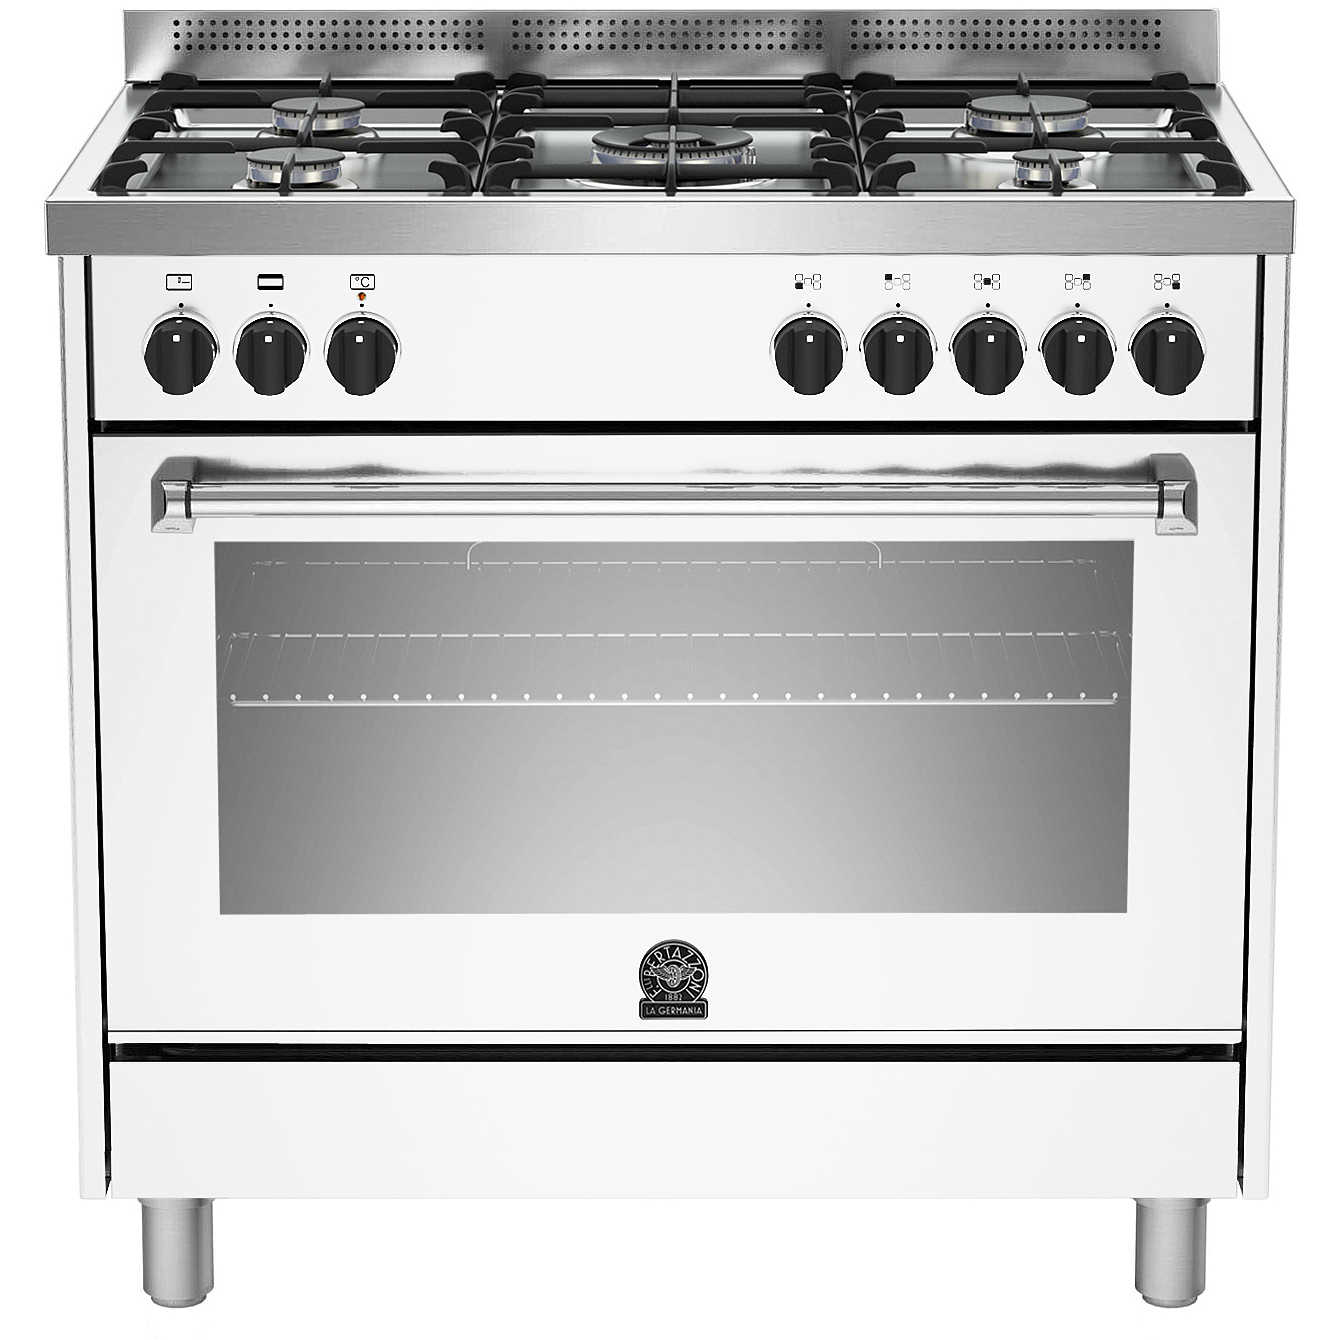 La germania amn905mfeswc cucina 90x60 5 fuochi a gas forno - La germania cucina ...